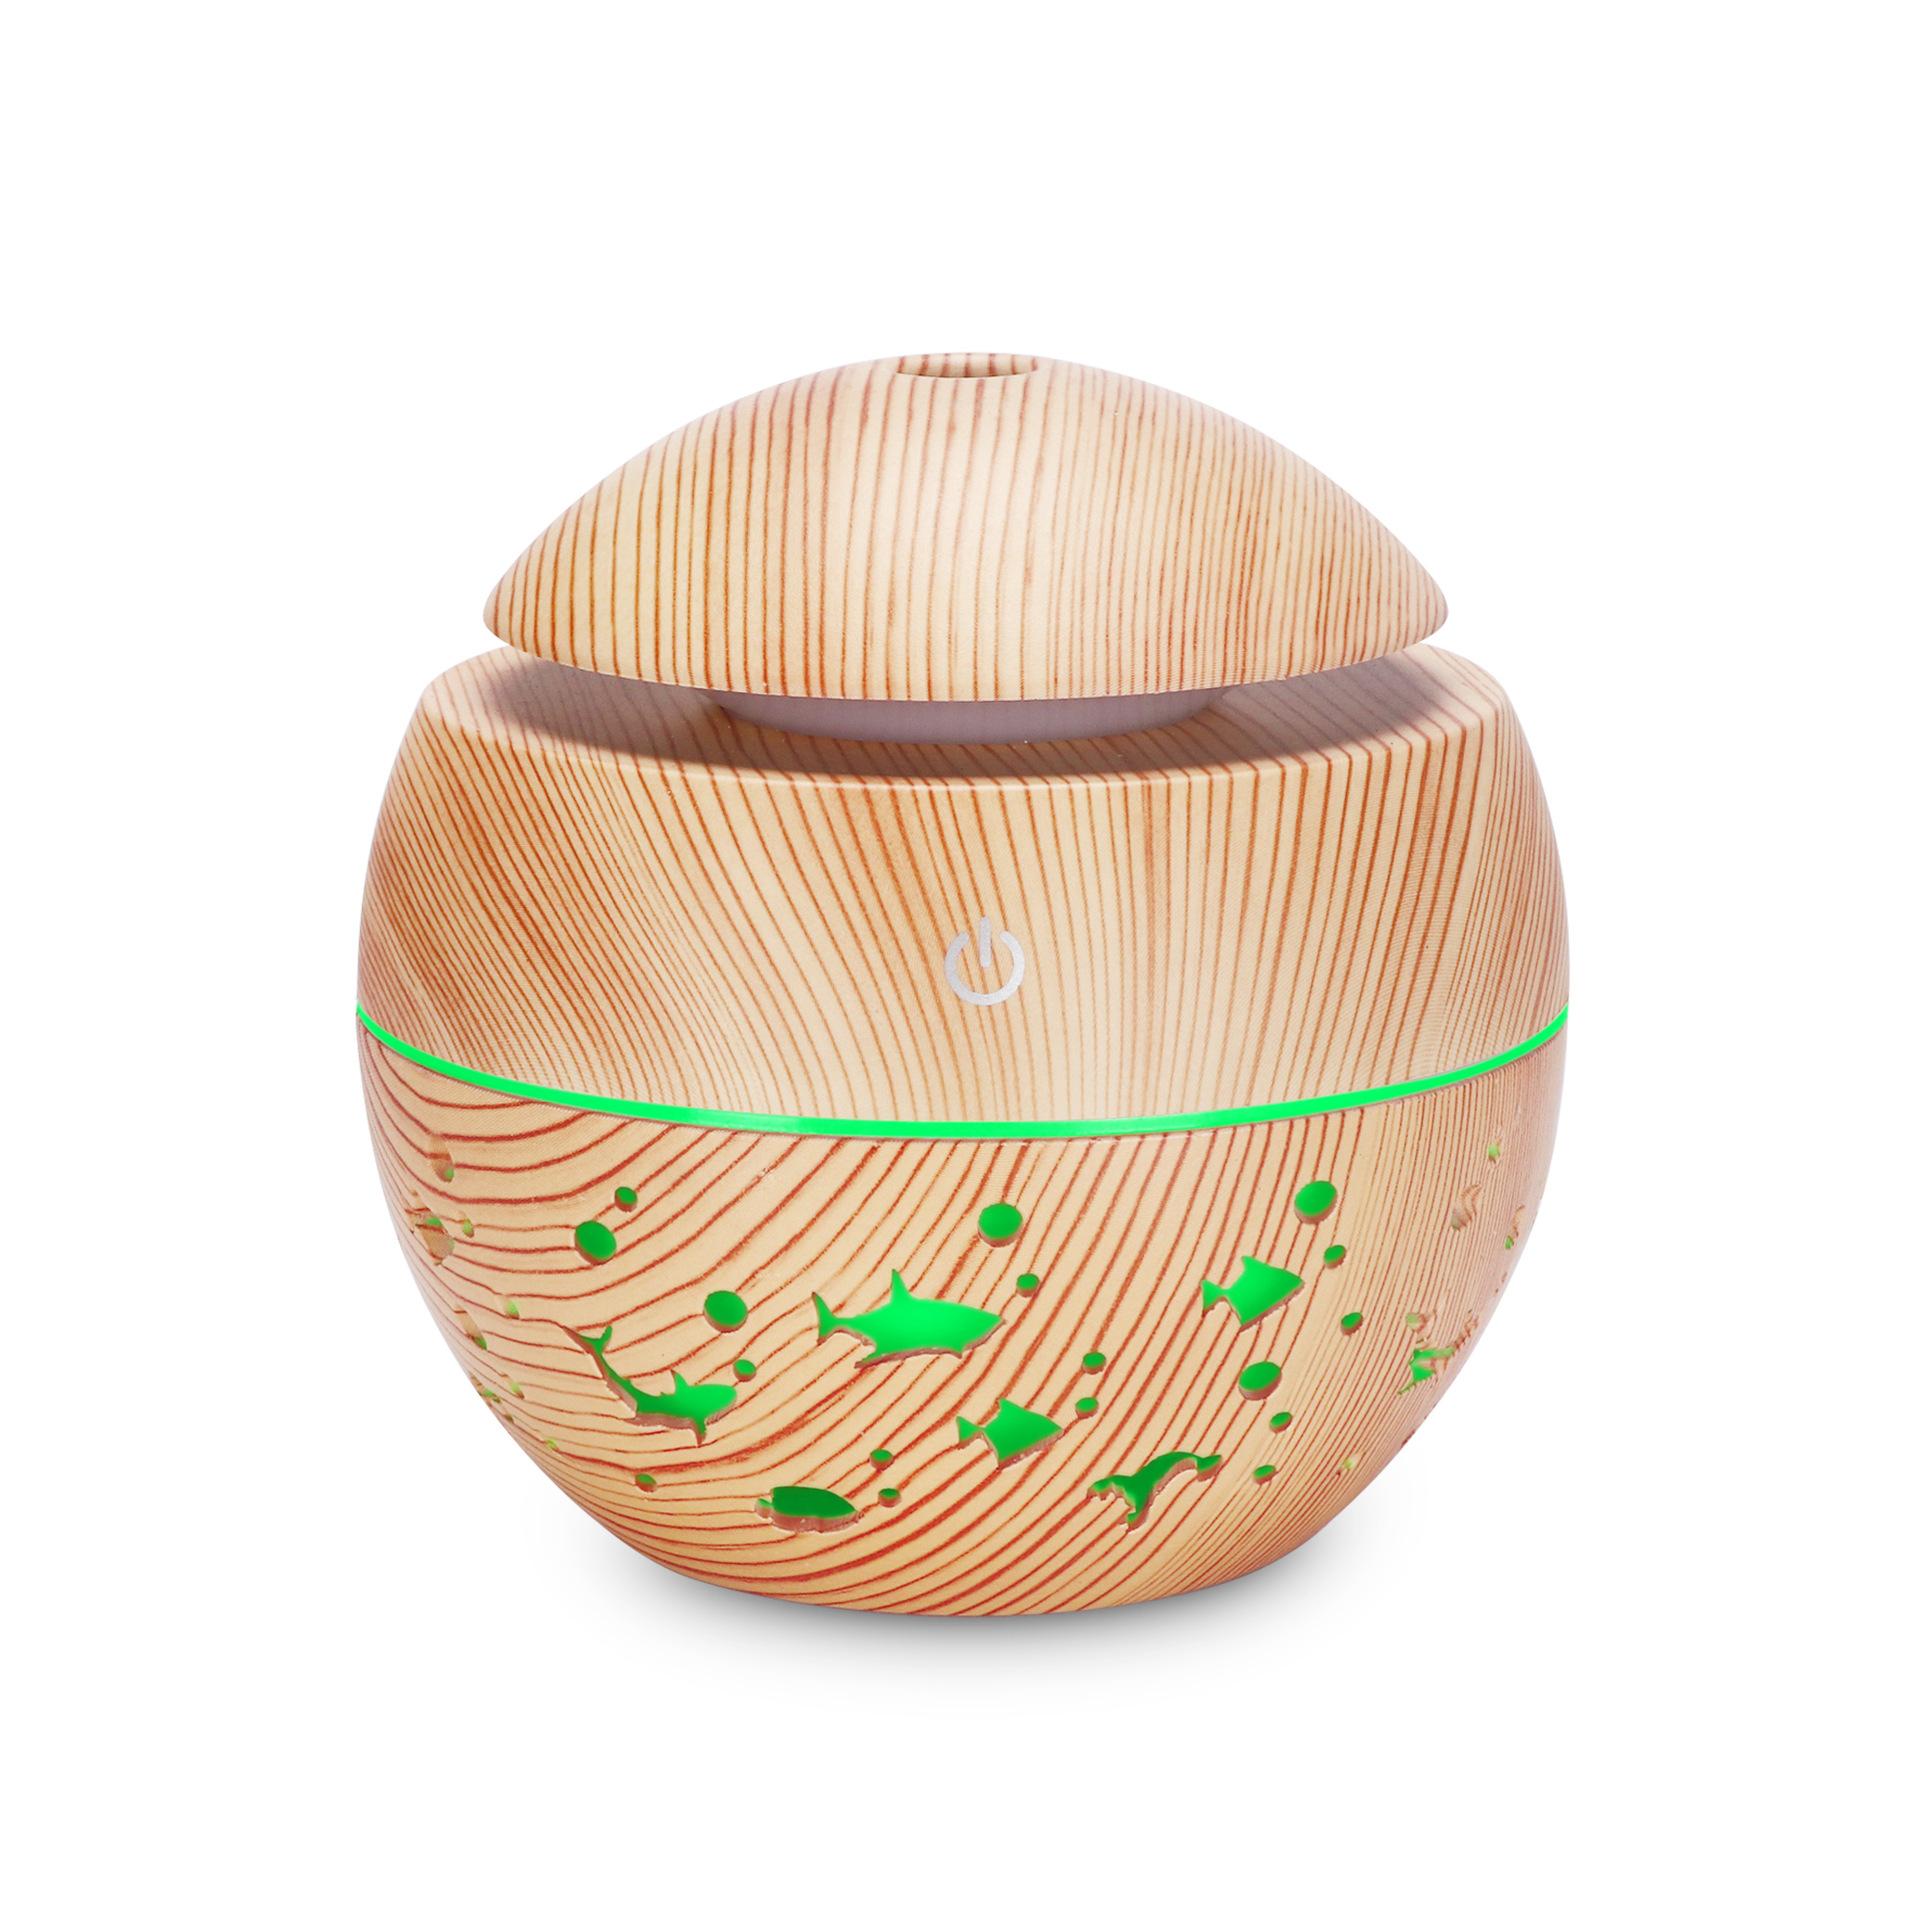 木纹镂空圆球加湿器七彩透光动物香薰机迷你蘑菇130ML 礼品加湿器 浅木纹